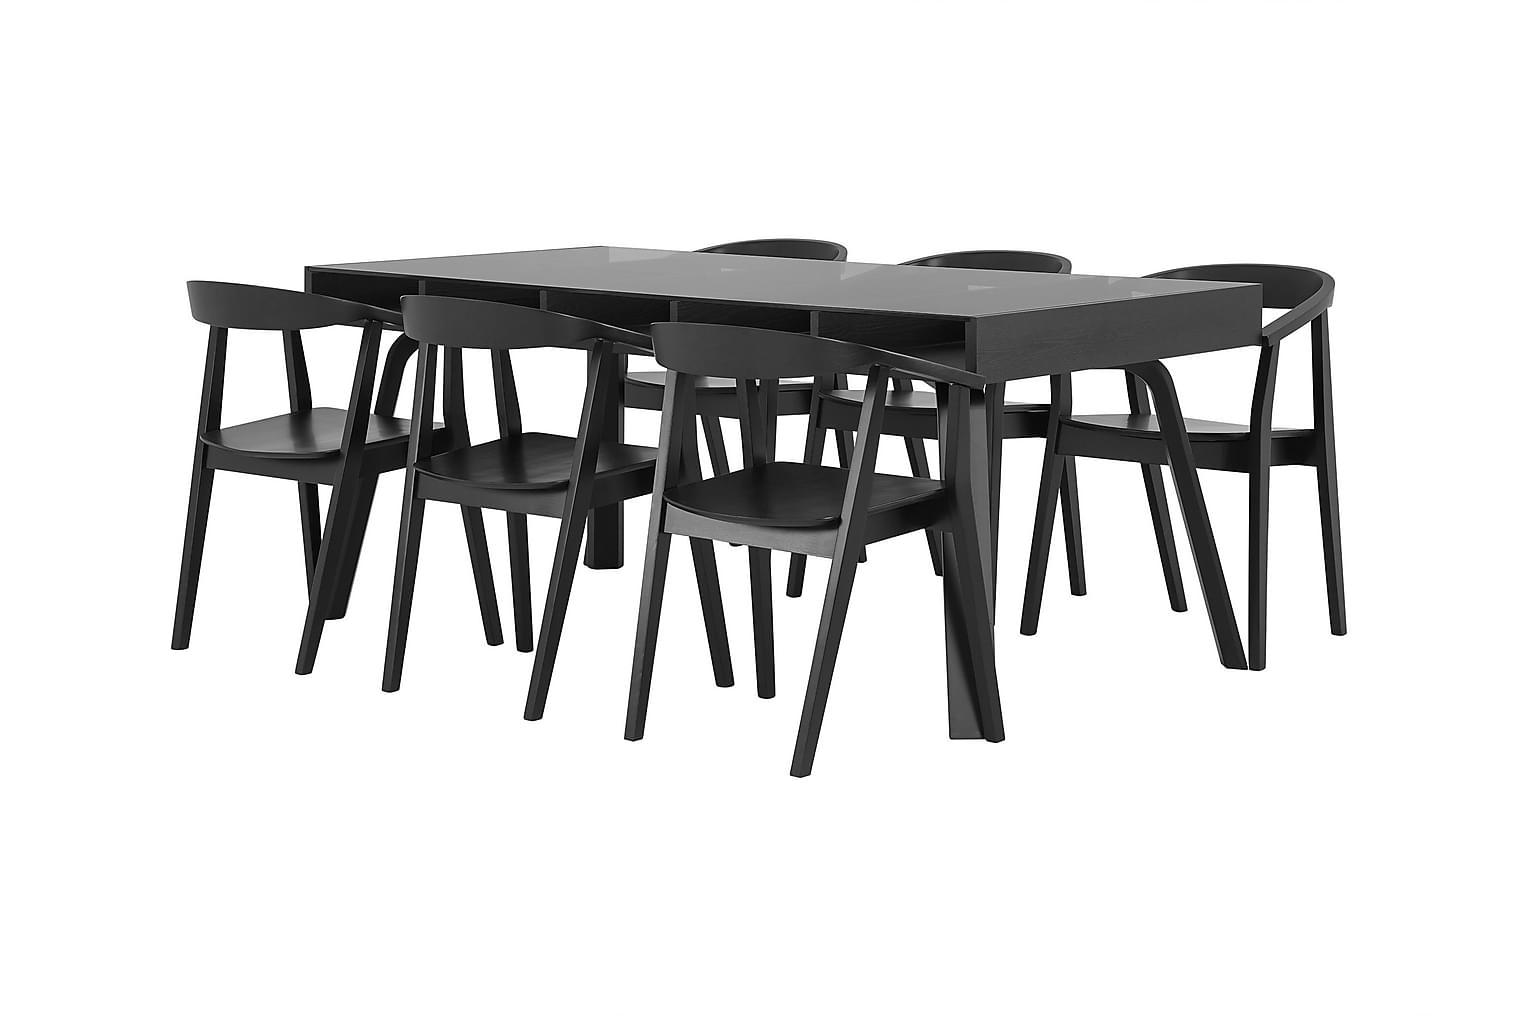 LORELEI Pöytä 183 Musta + 6 DAYTONA Tuolia Musta